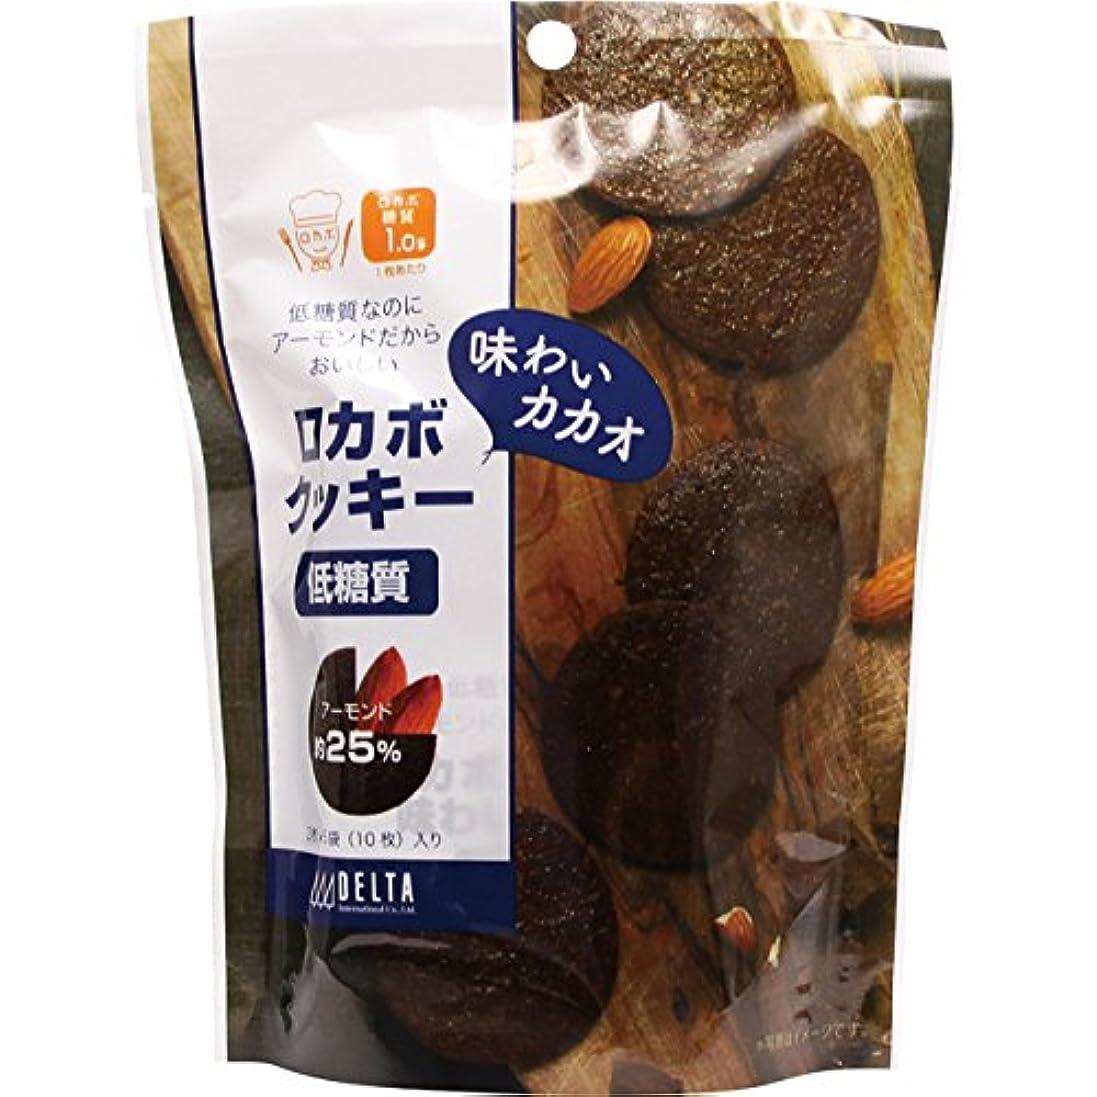 カエル一流郵便番号デルタ 低糖質 ロカボクッキー 味わいカカオ 10枚【5個セット】